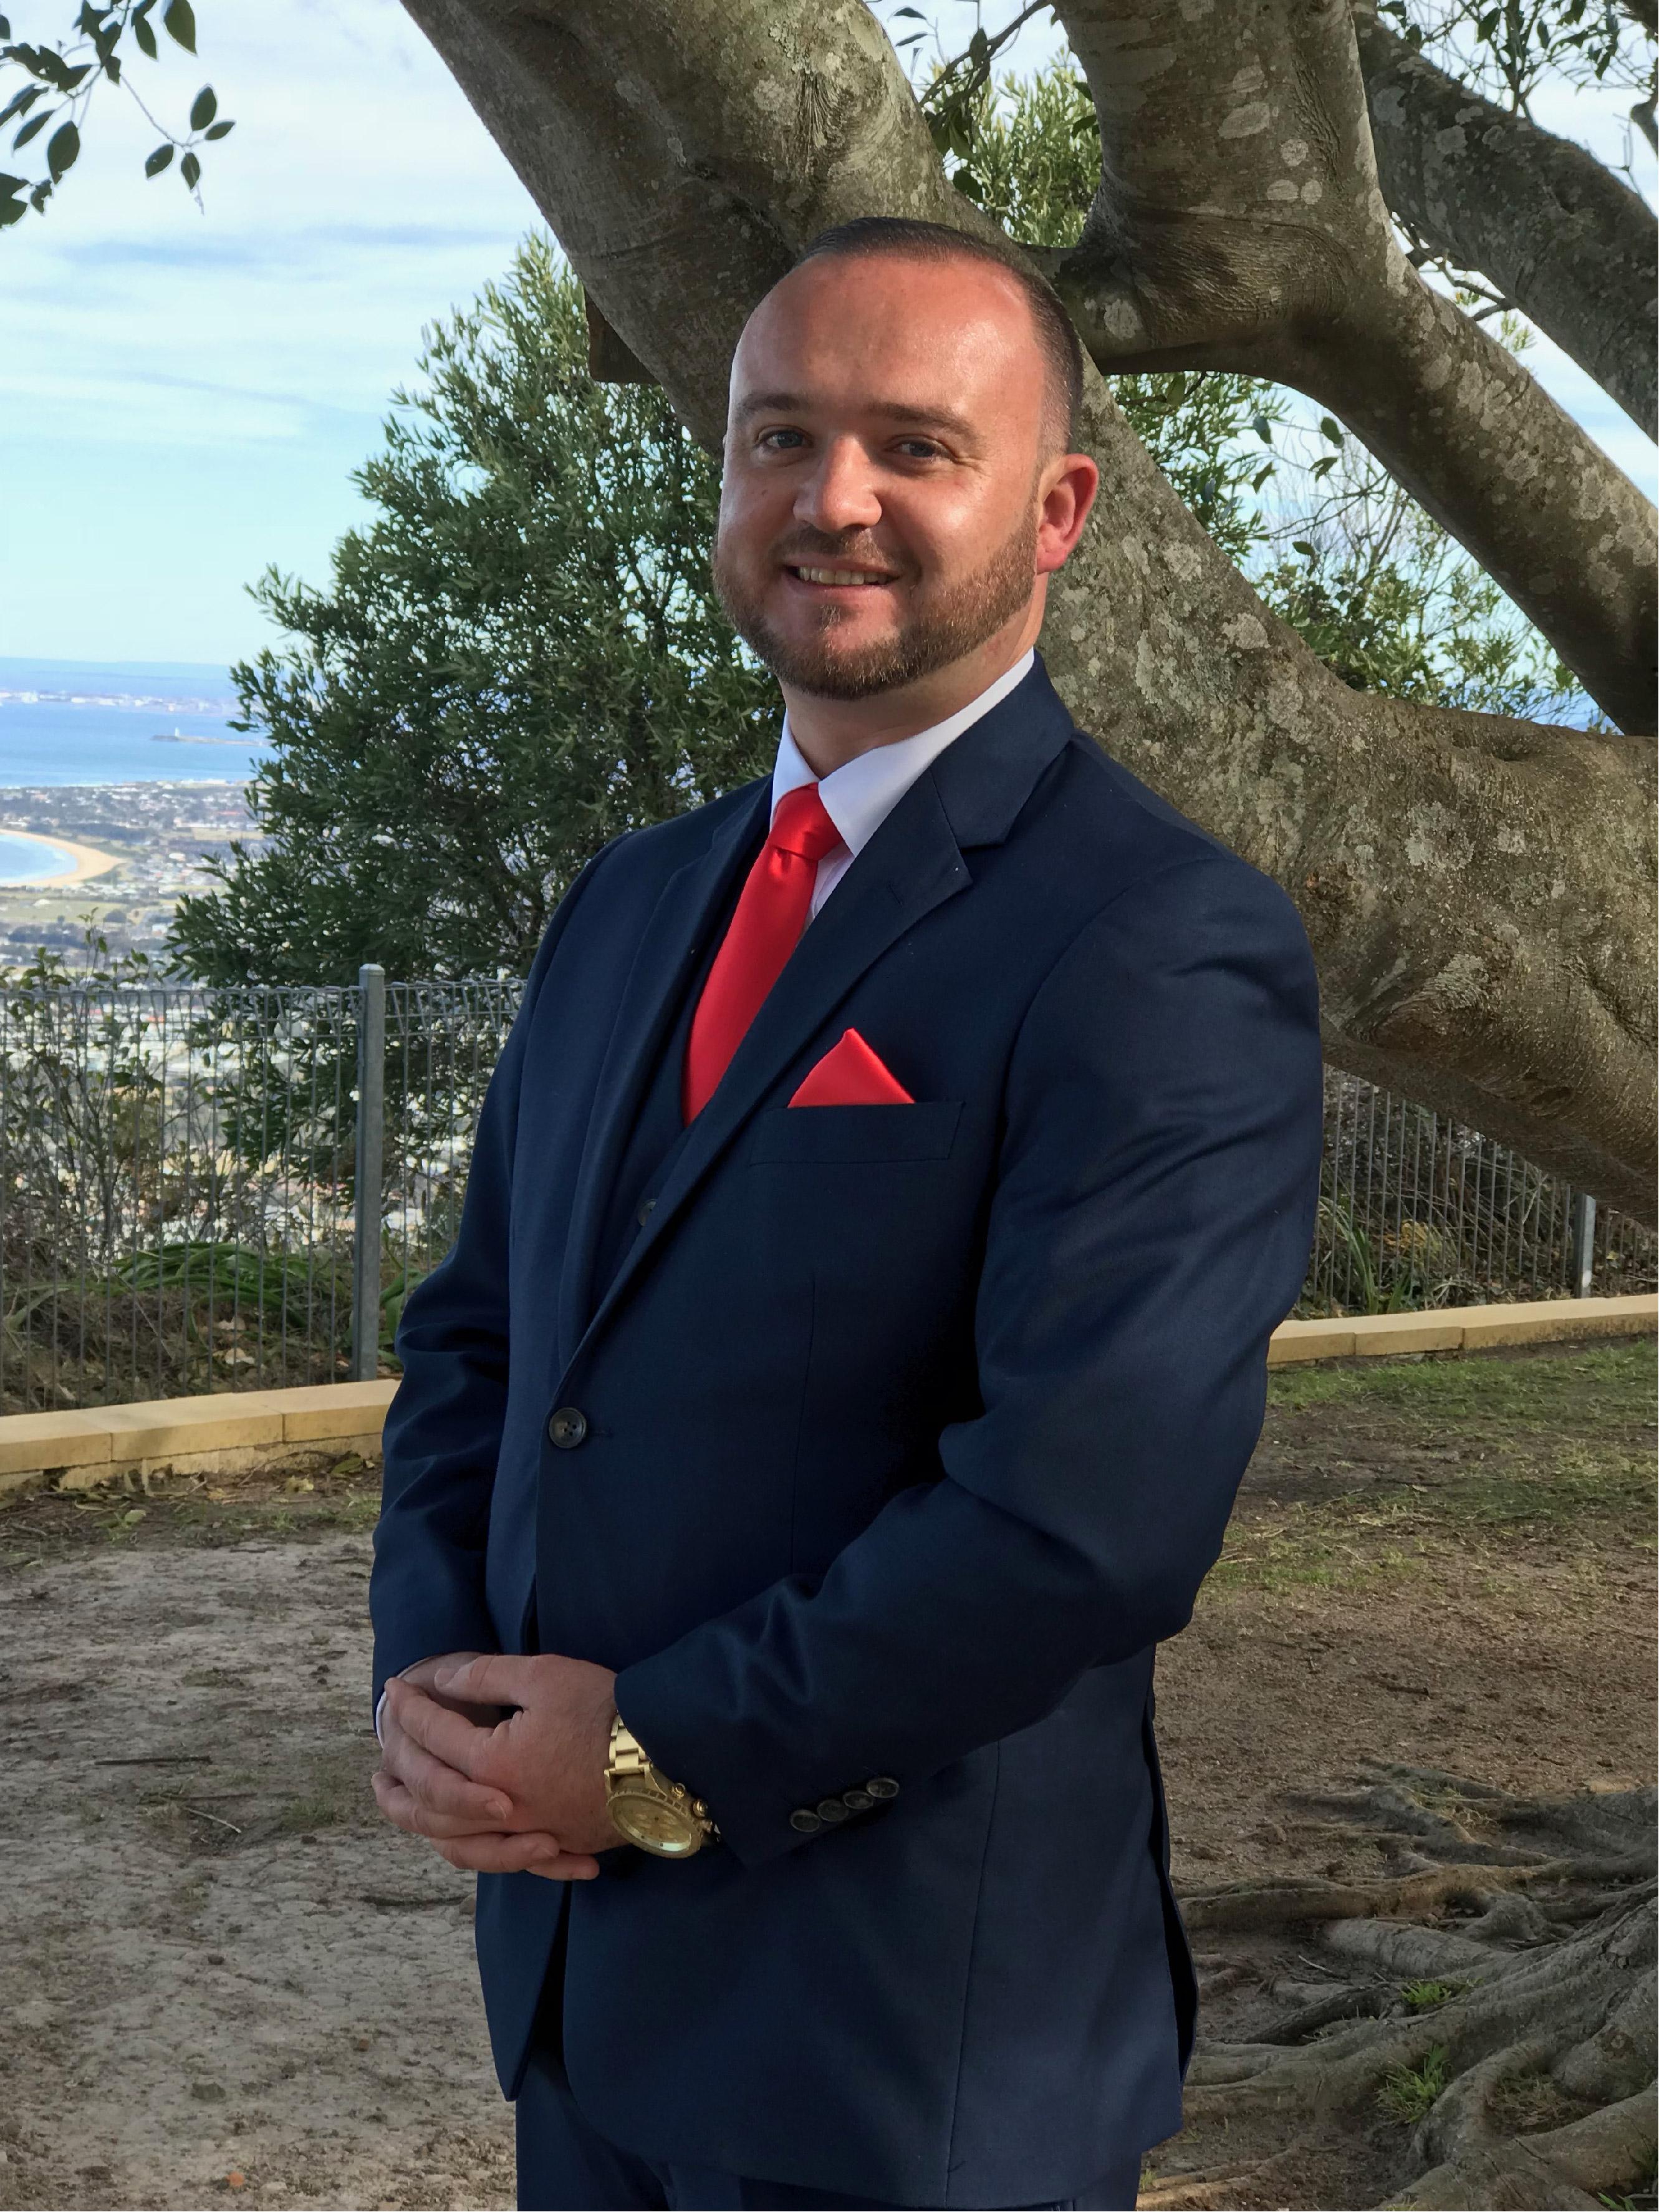 Luke Ziegeler Funeral Director